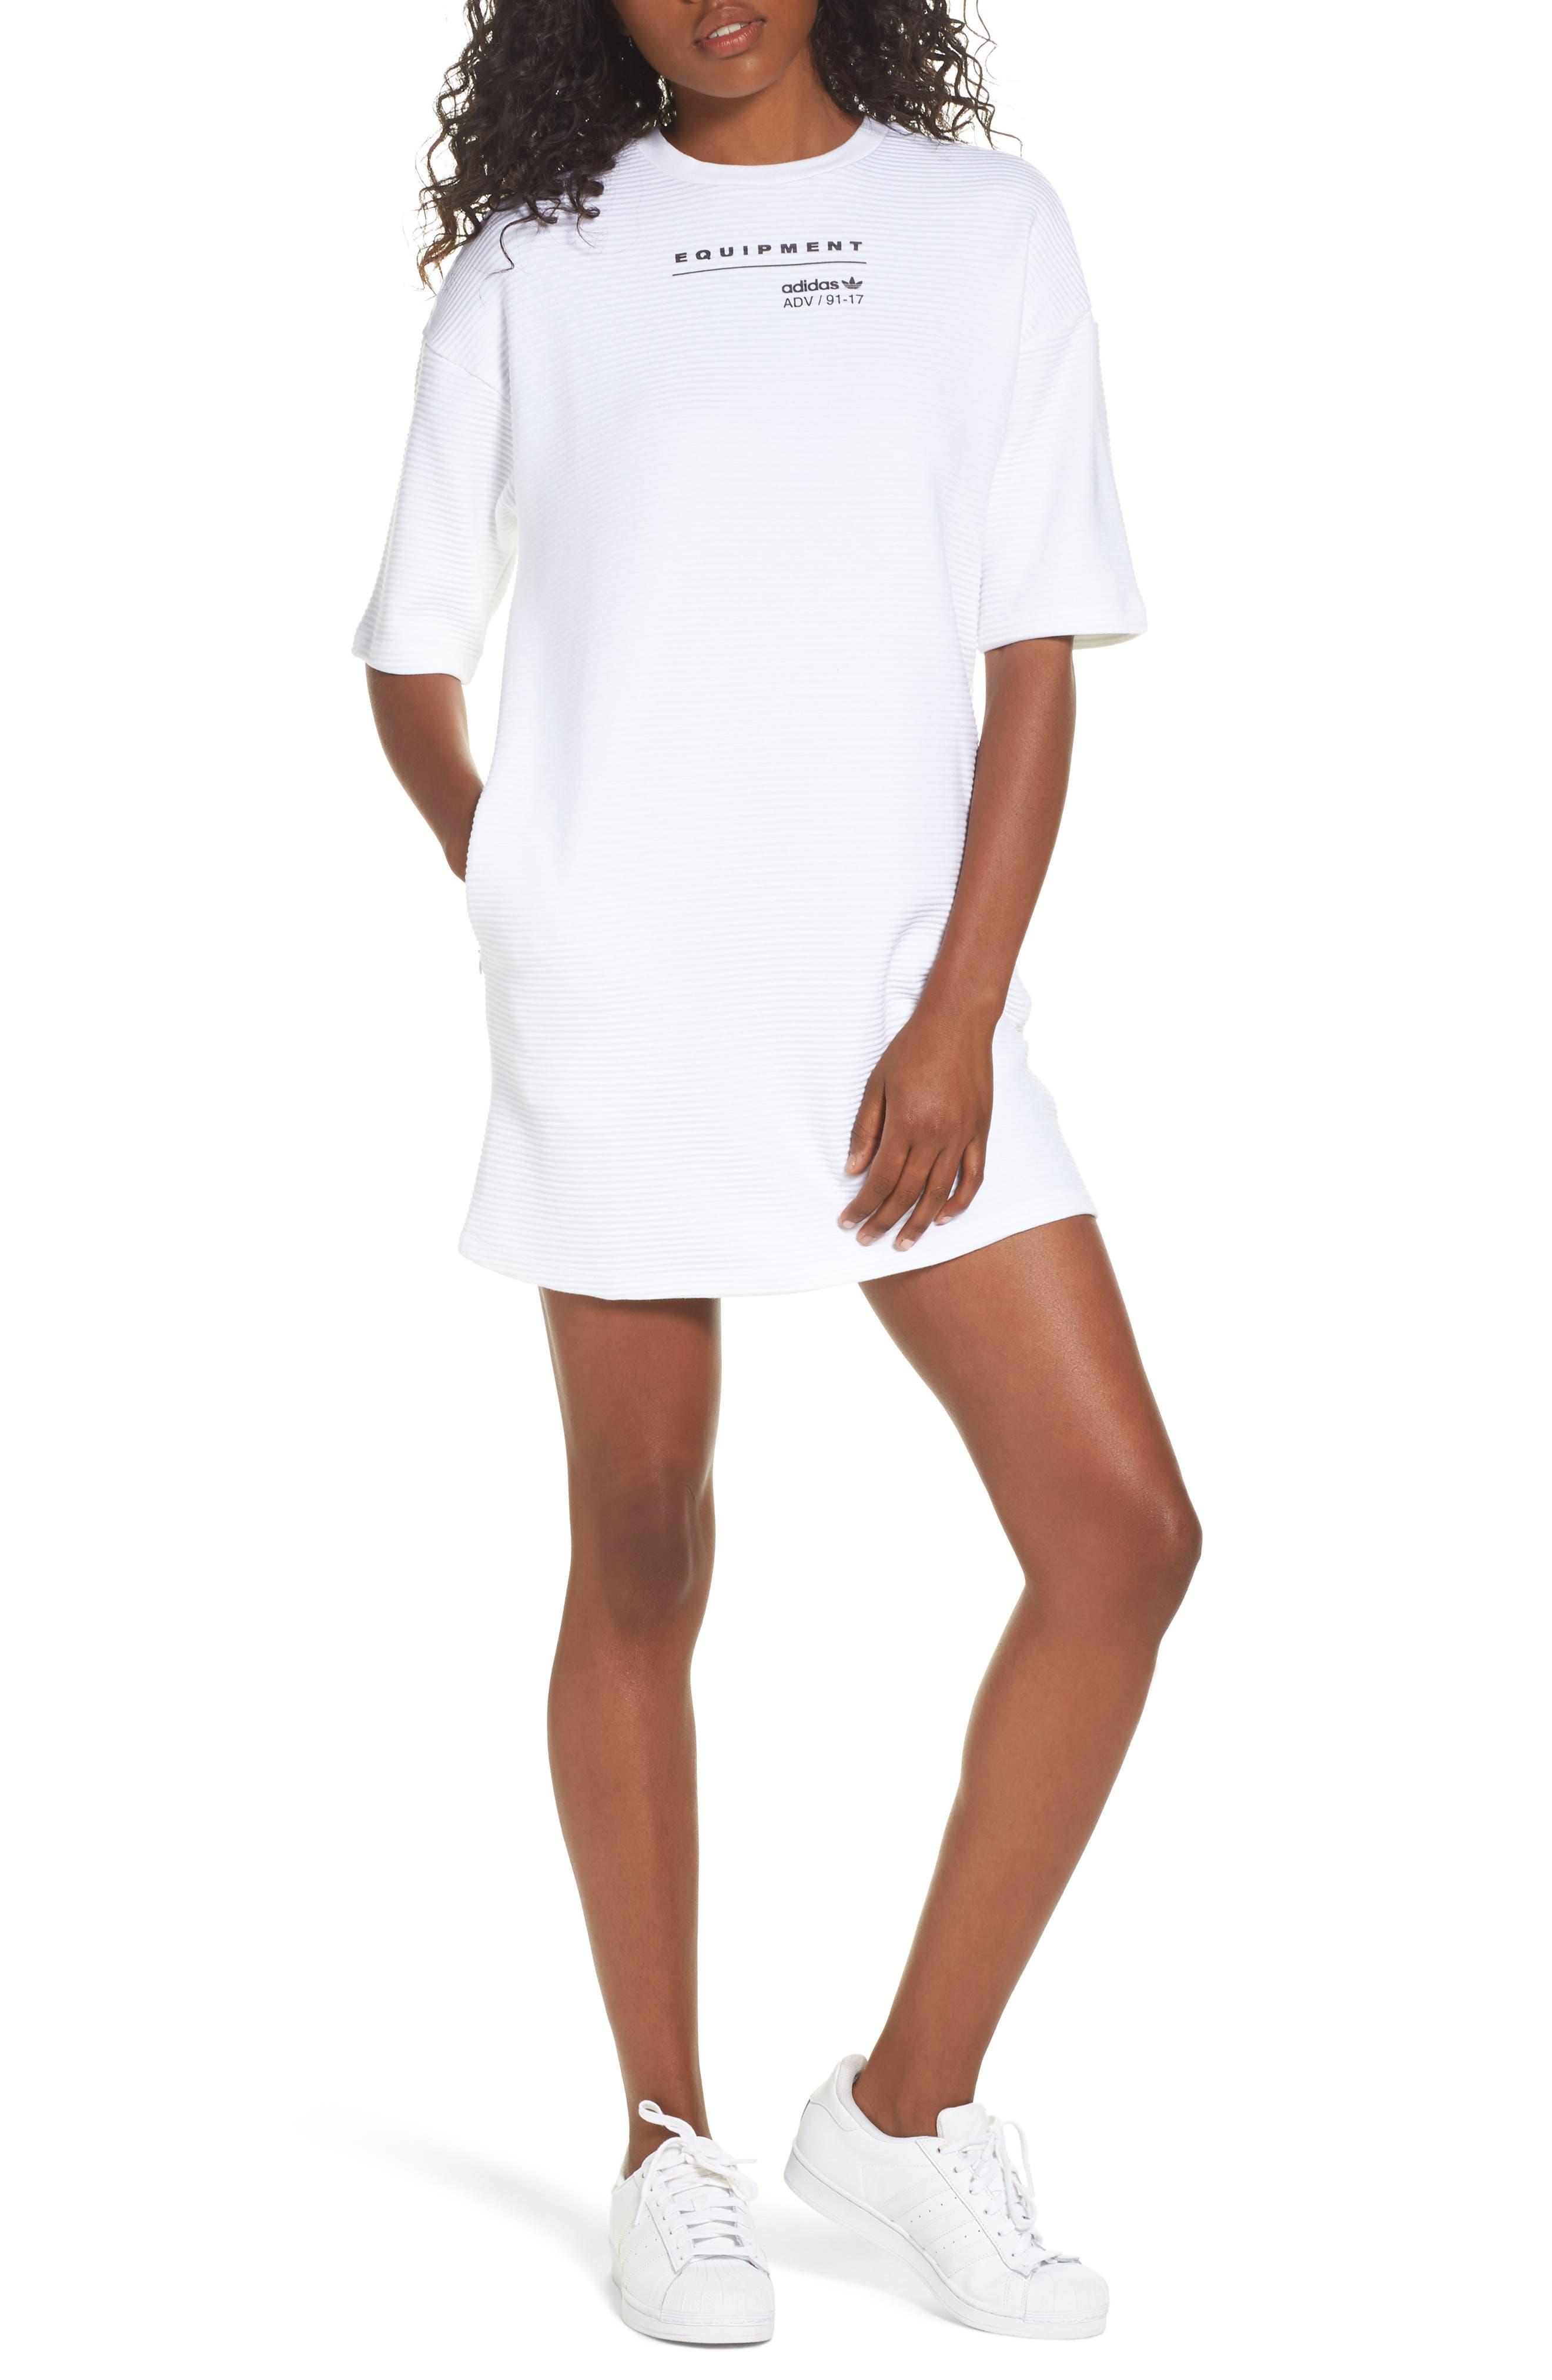 Originals EQT T-Shirt Dress,                             Main thumbnail 1, color,                             100